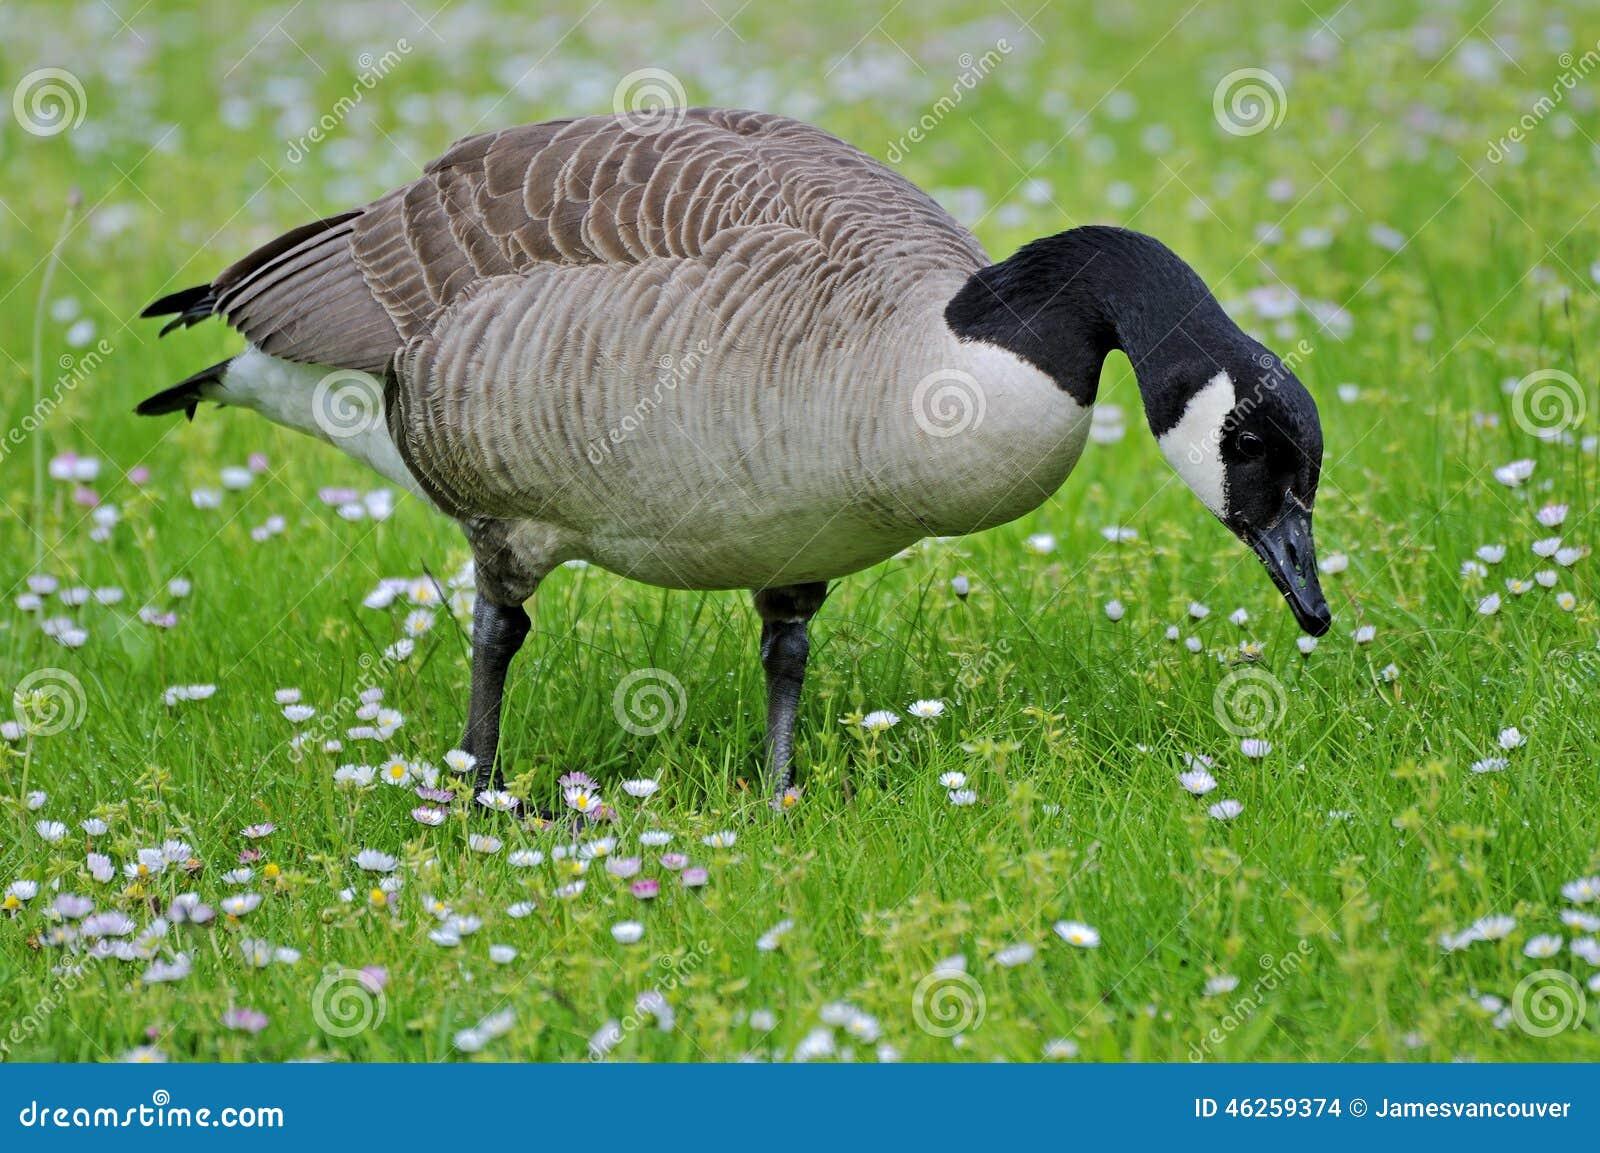 canada goose vancouver canada